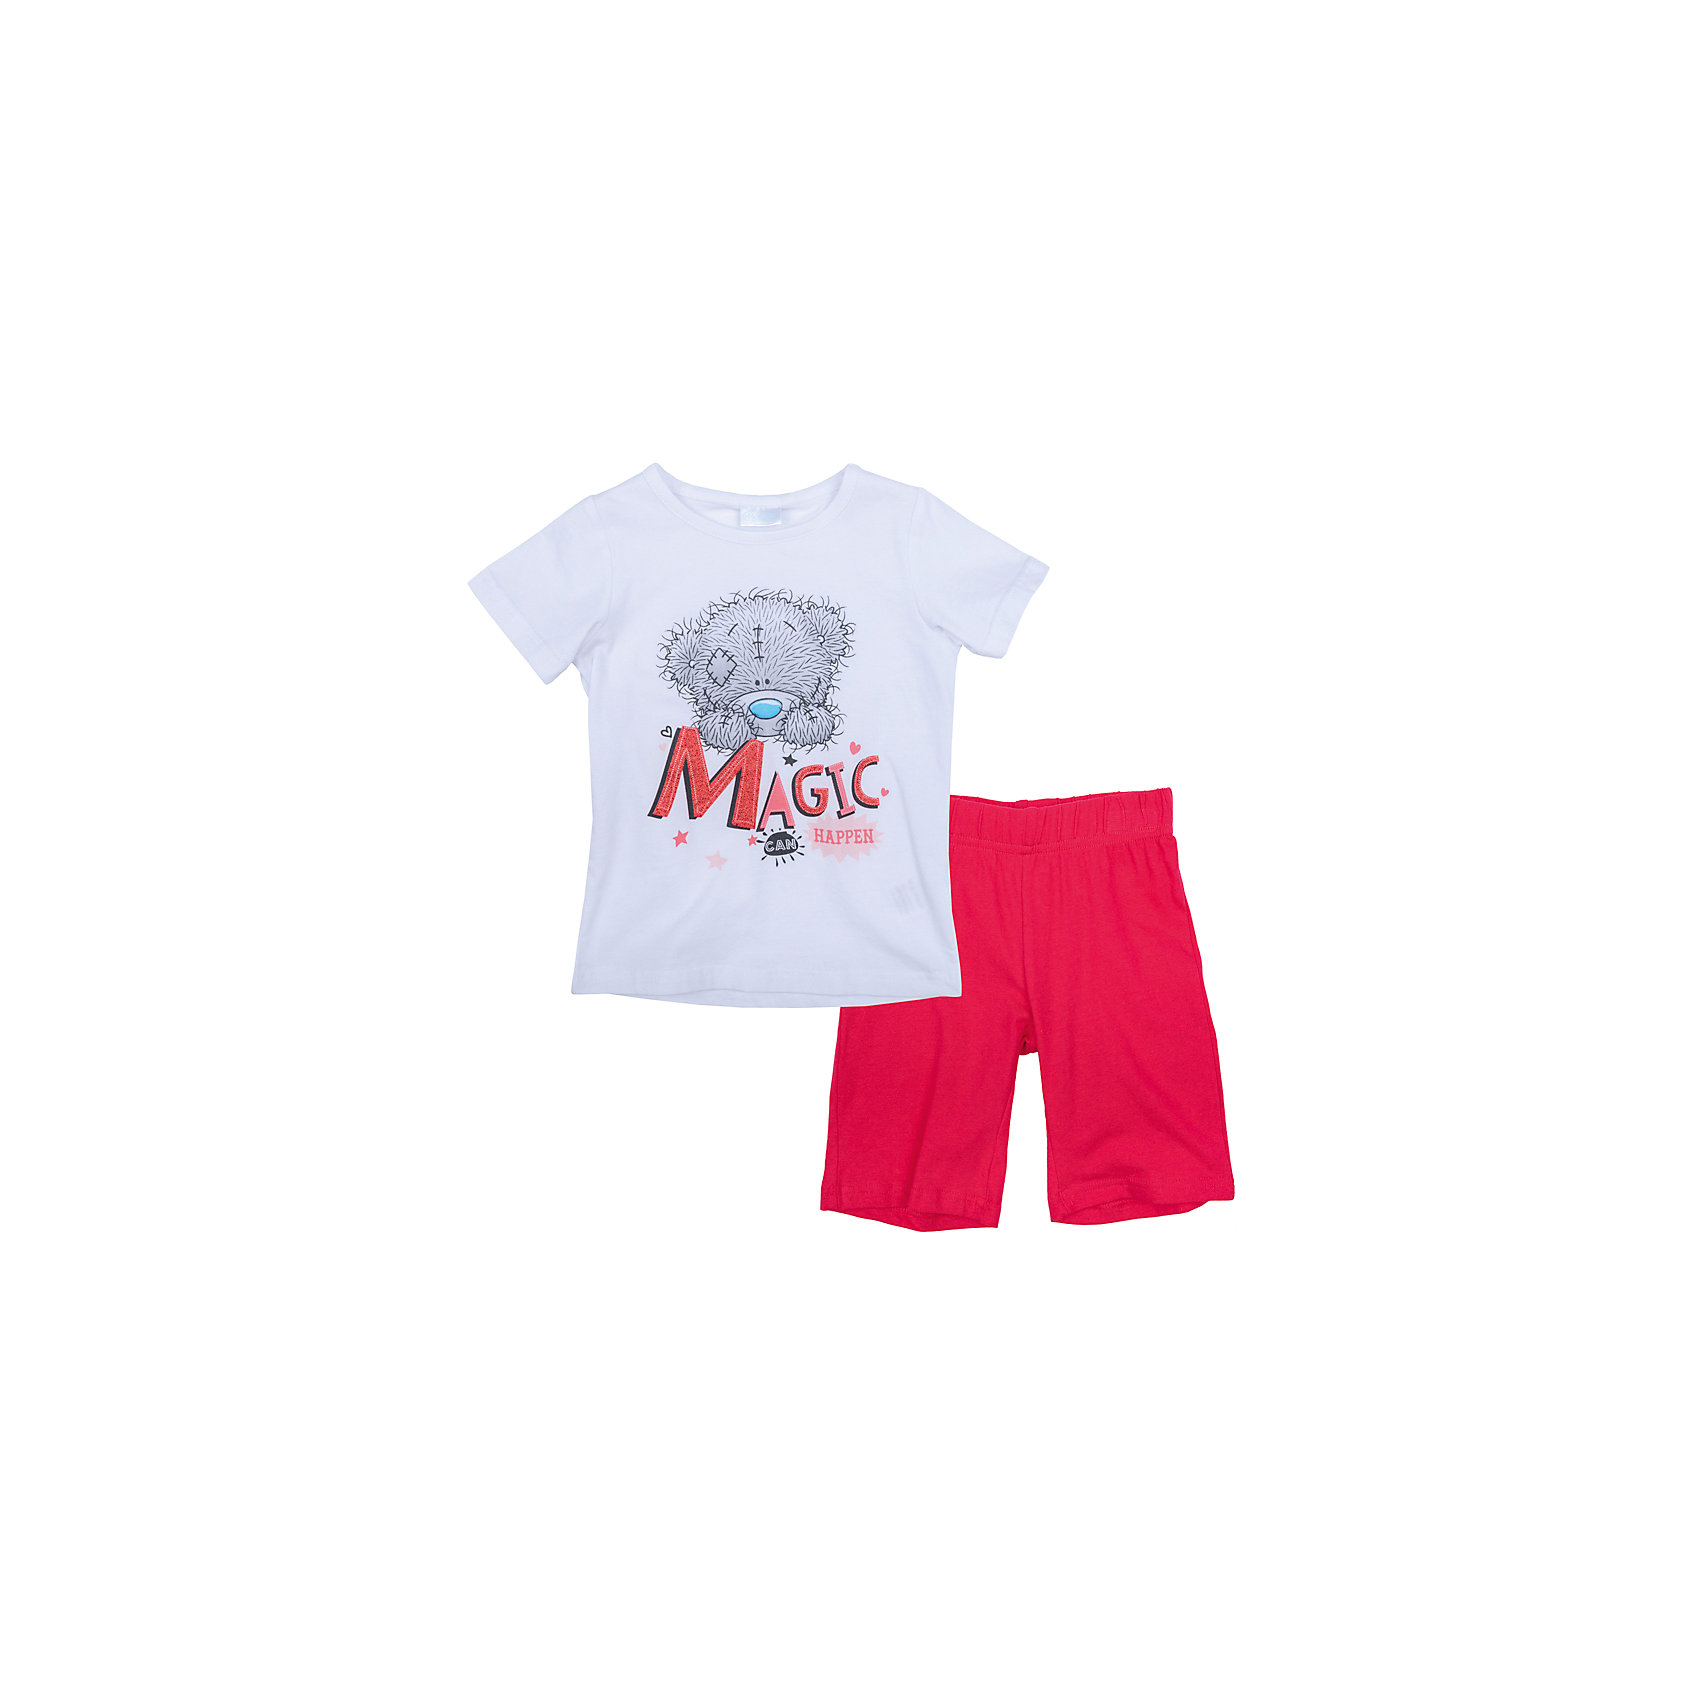 Комплект для девочки PlayTodayКомплекты<br>Комплект для девочки PlayToday<br>Комплект из майки и шорт прекрасно подойдет для домашнего использования. Может быть и домашней одеждой, и уютной пижамой. Мягкий, приятный к телу, материал не сковывает движений. Яркий стильный принт Disney  является достойным украшением данного изделия.Преимущества: Свободный классический крой не сковывает движения ребенкаМожет быть удобной домашней одеждой и уютной пижамой.Яркий стильный принт<br>Состав:<br>95% хлопок, 5% эластан<br><br>Ширина мм: 199<br>Глубина мм: 10<br>Высота мм: 161<br>Вес г: 151<br>Цвет: разноцветный<br>Возраст от месяцев: 84<br>Возраст до месяцев: 96<br>Пол: Женский<br>Возраст: Детский<br>Размер: 128,98,104,110,116,122<br>SKU: 5404023